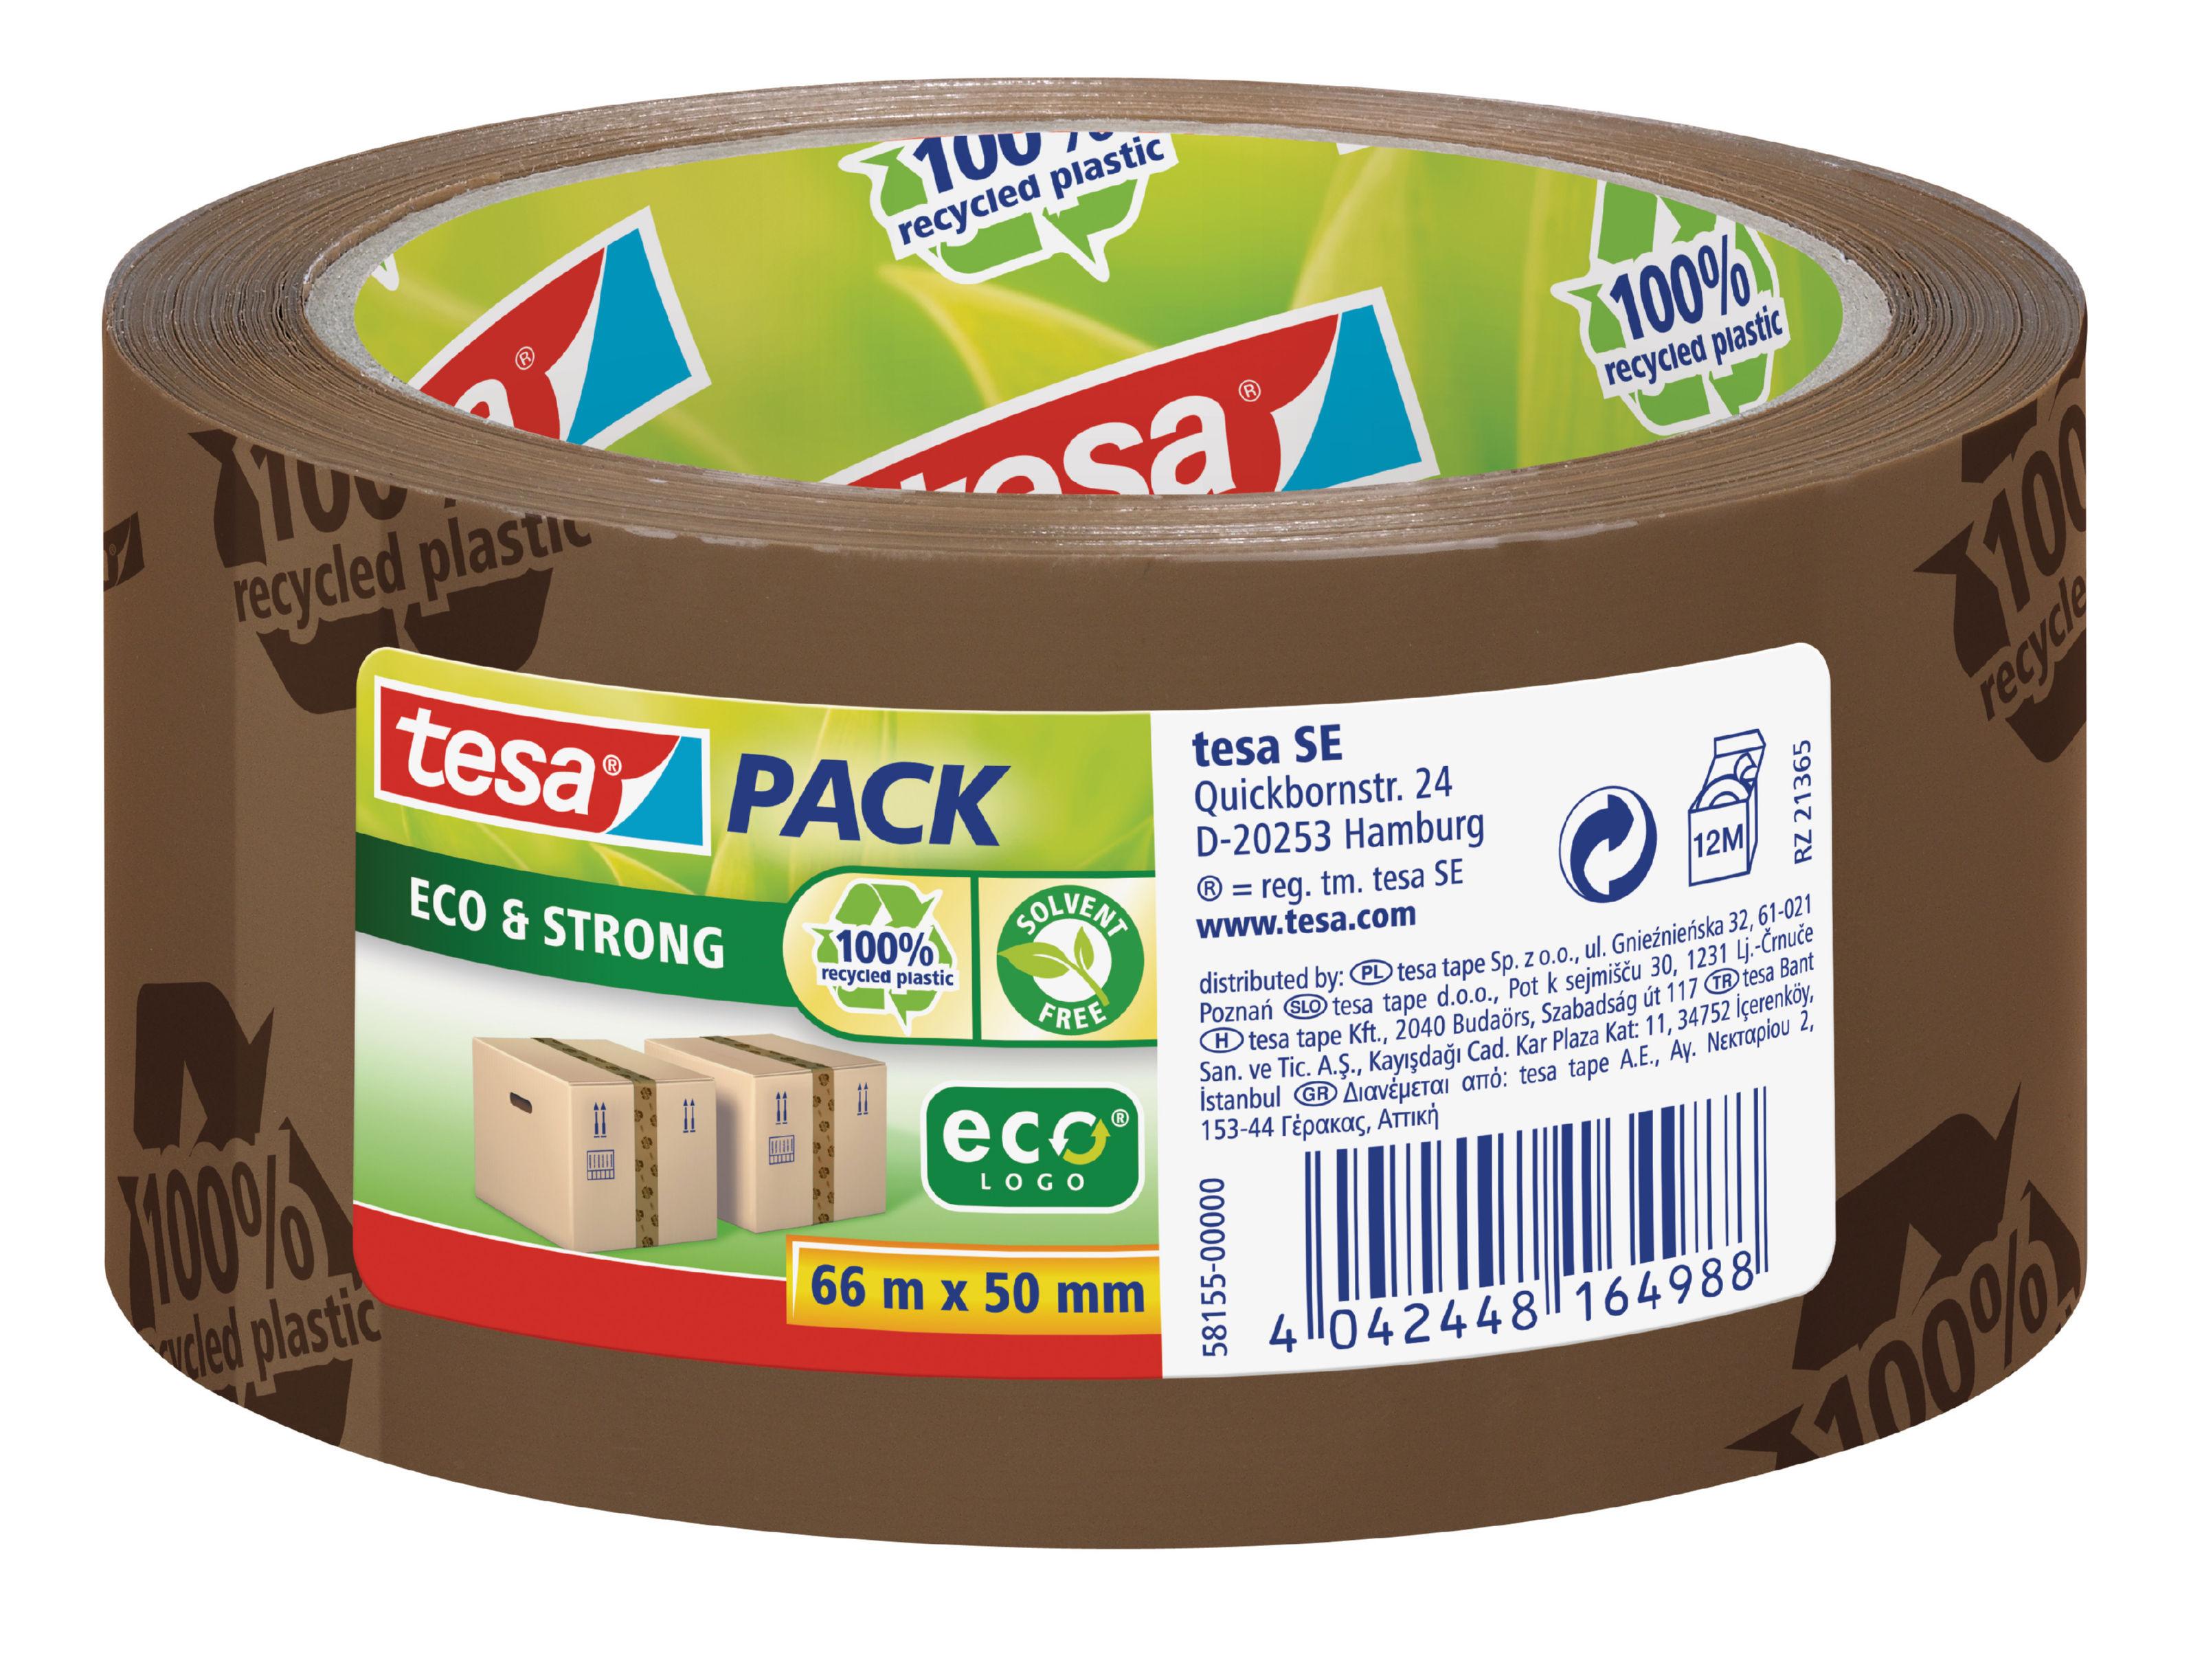 Packing Tape tesa EcoLogo Printed Polypropylene Tape 50mmx66m Brown 58155 PK6